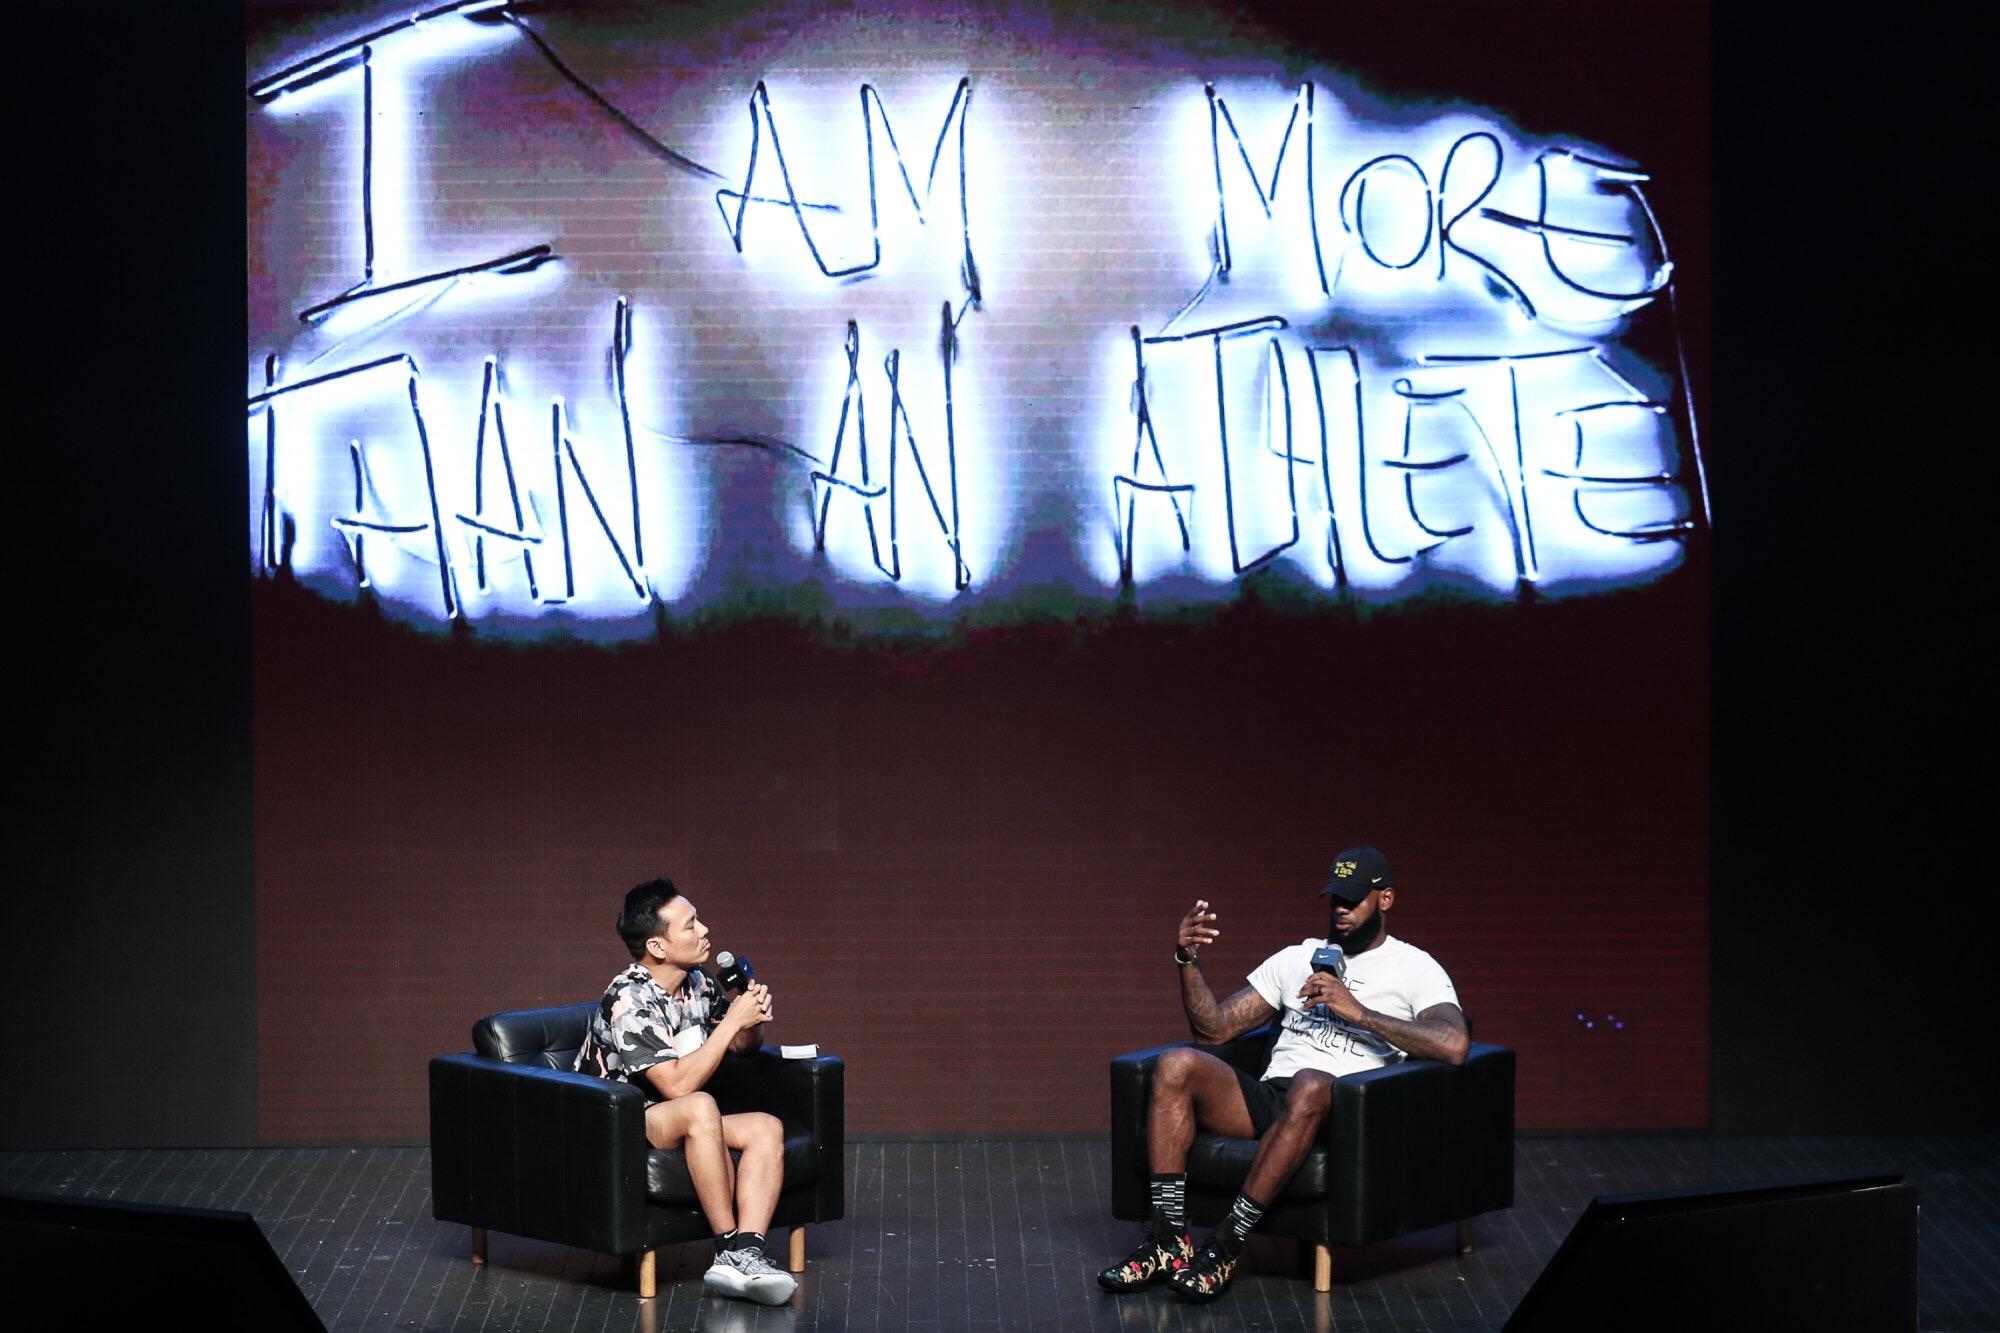 詹姆斯谈篮球和电影:我们不只有一个角色